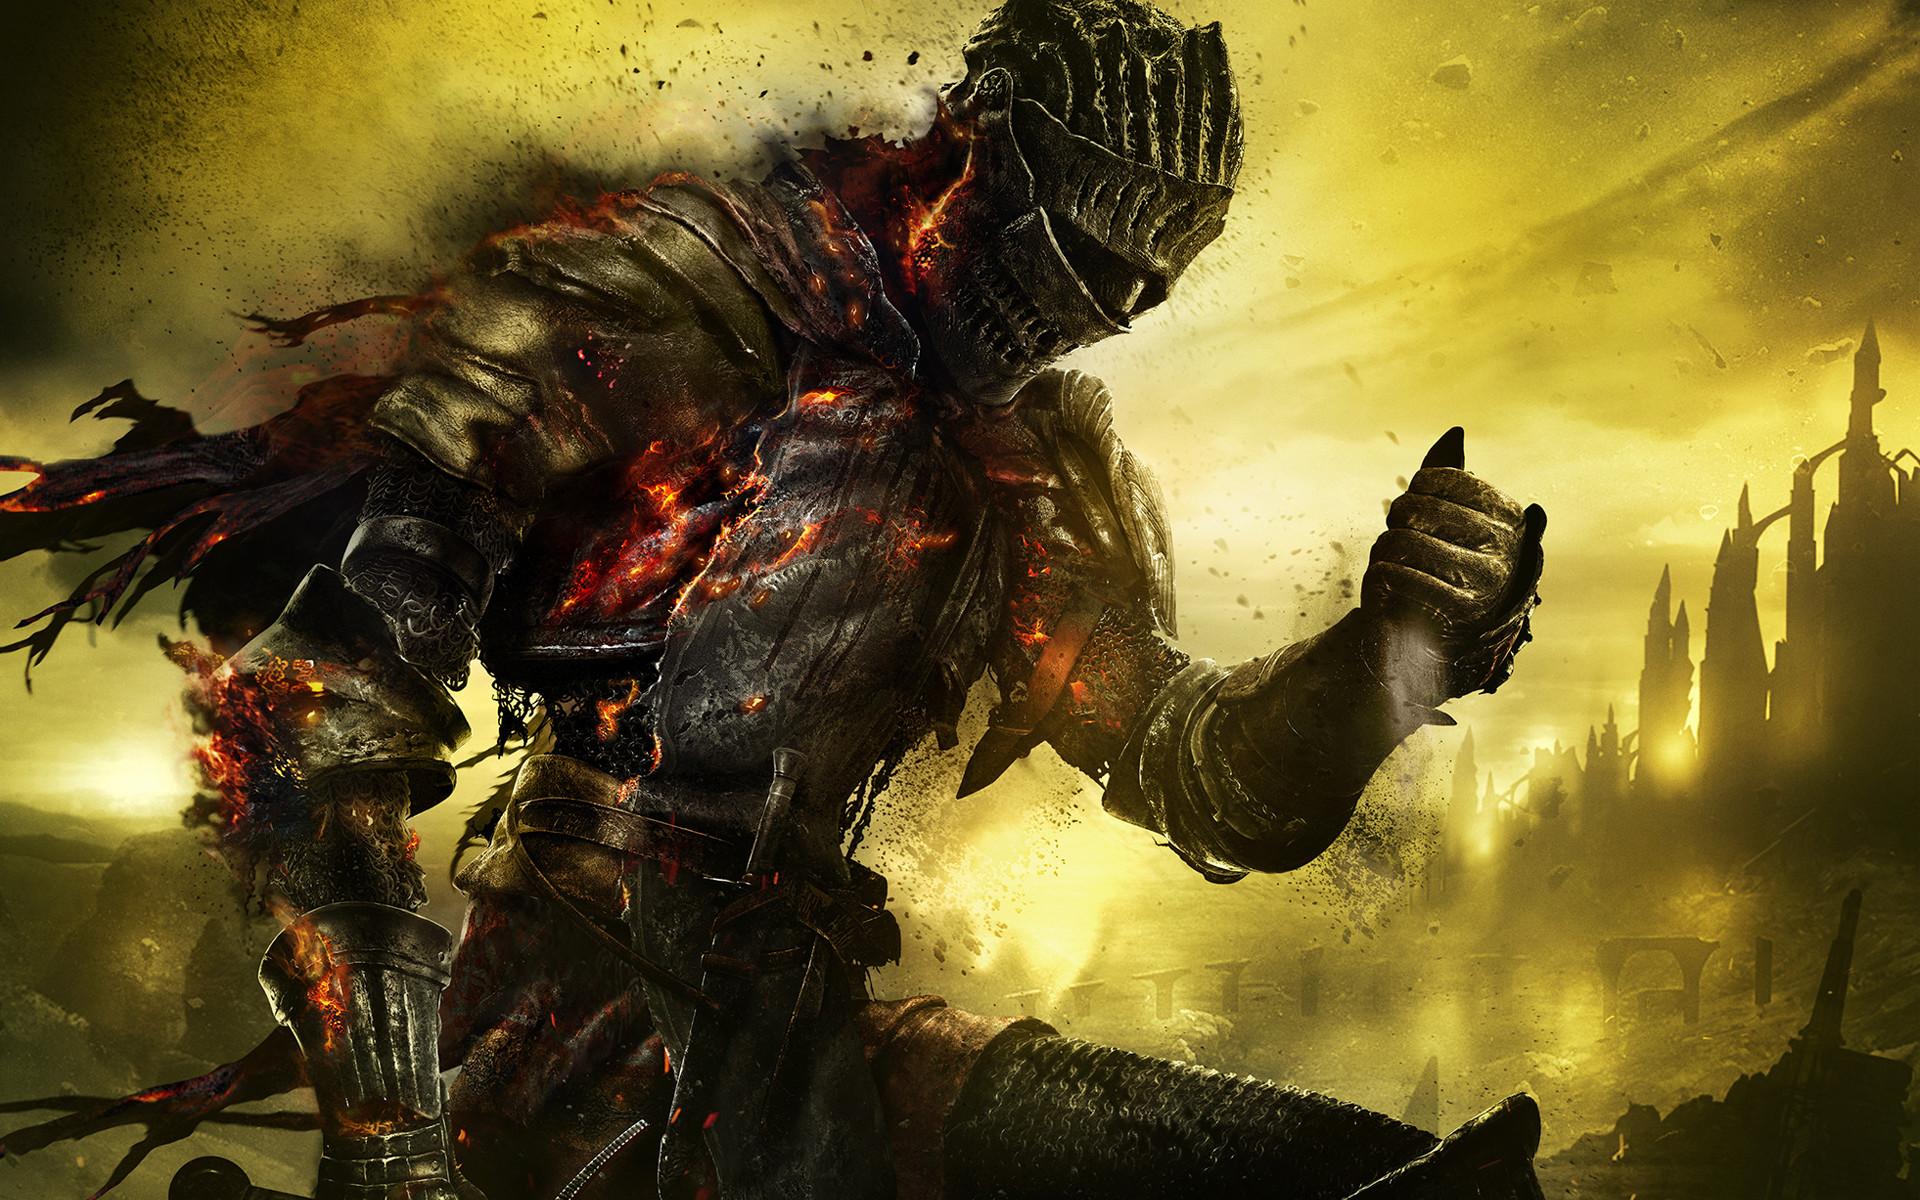 Dark Souls 3 Knight Burning Dust Wallpaper